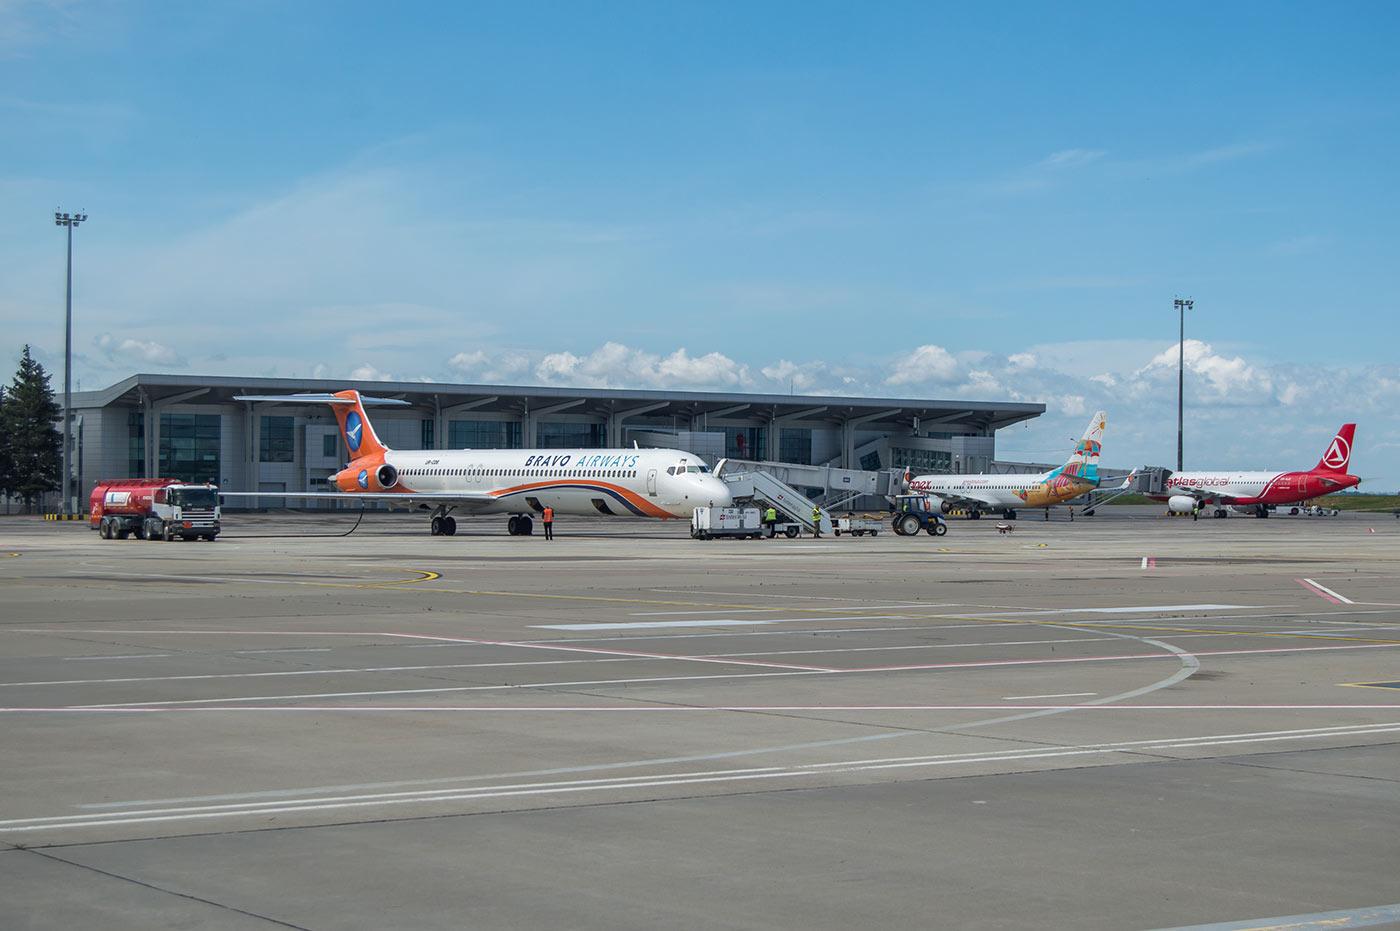 Названы сроки реконструкции аэропорта Харьков